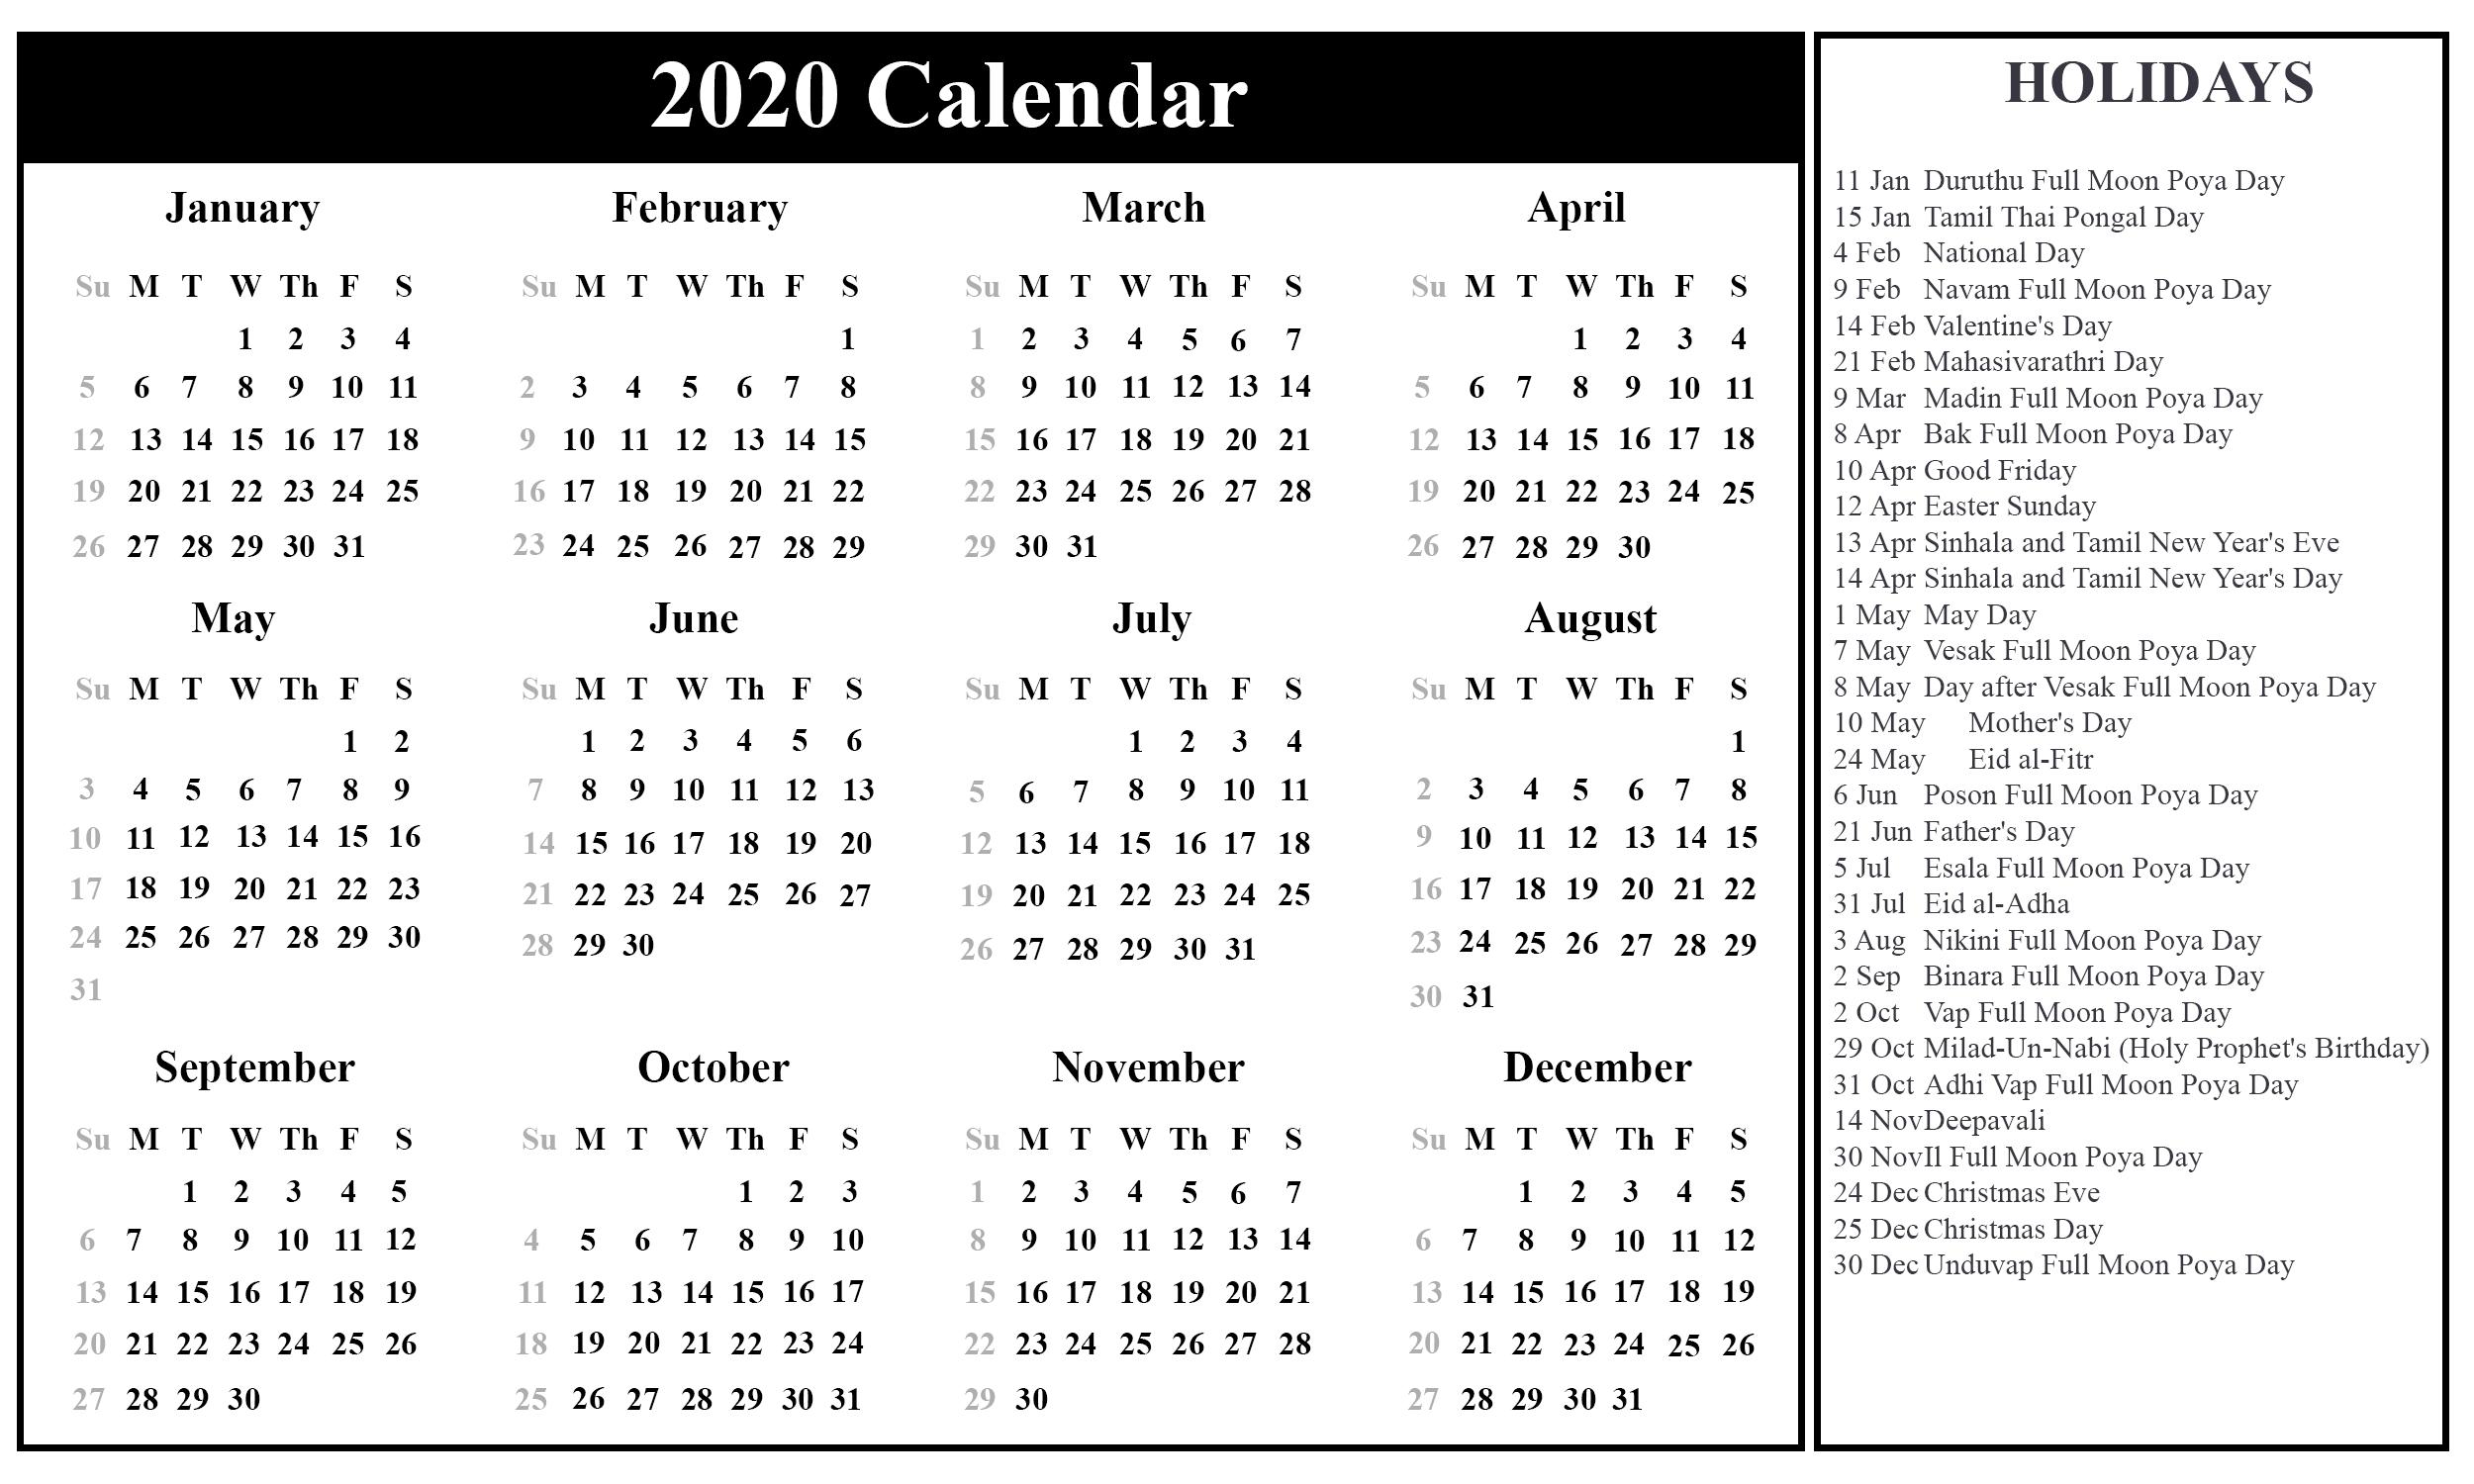 Free Printable Sri Lanka Calendar 2020 With Holidays In Pdf 2020 Calendar With Holidays